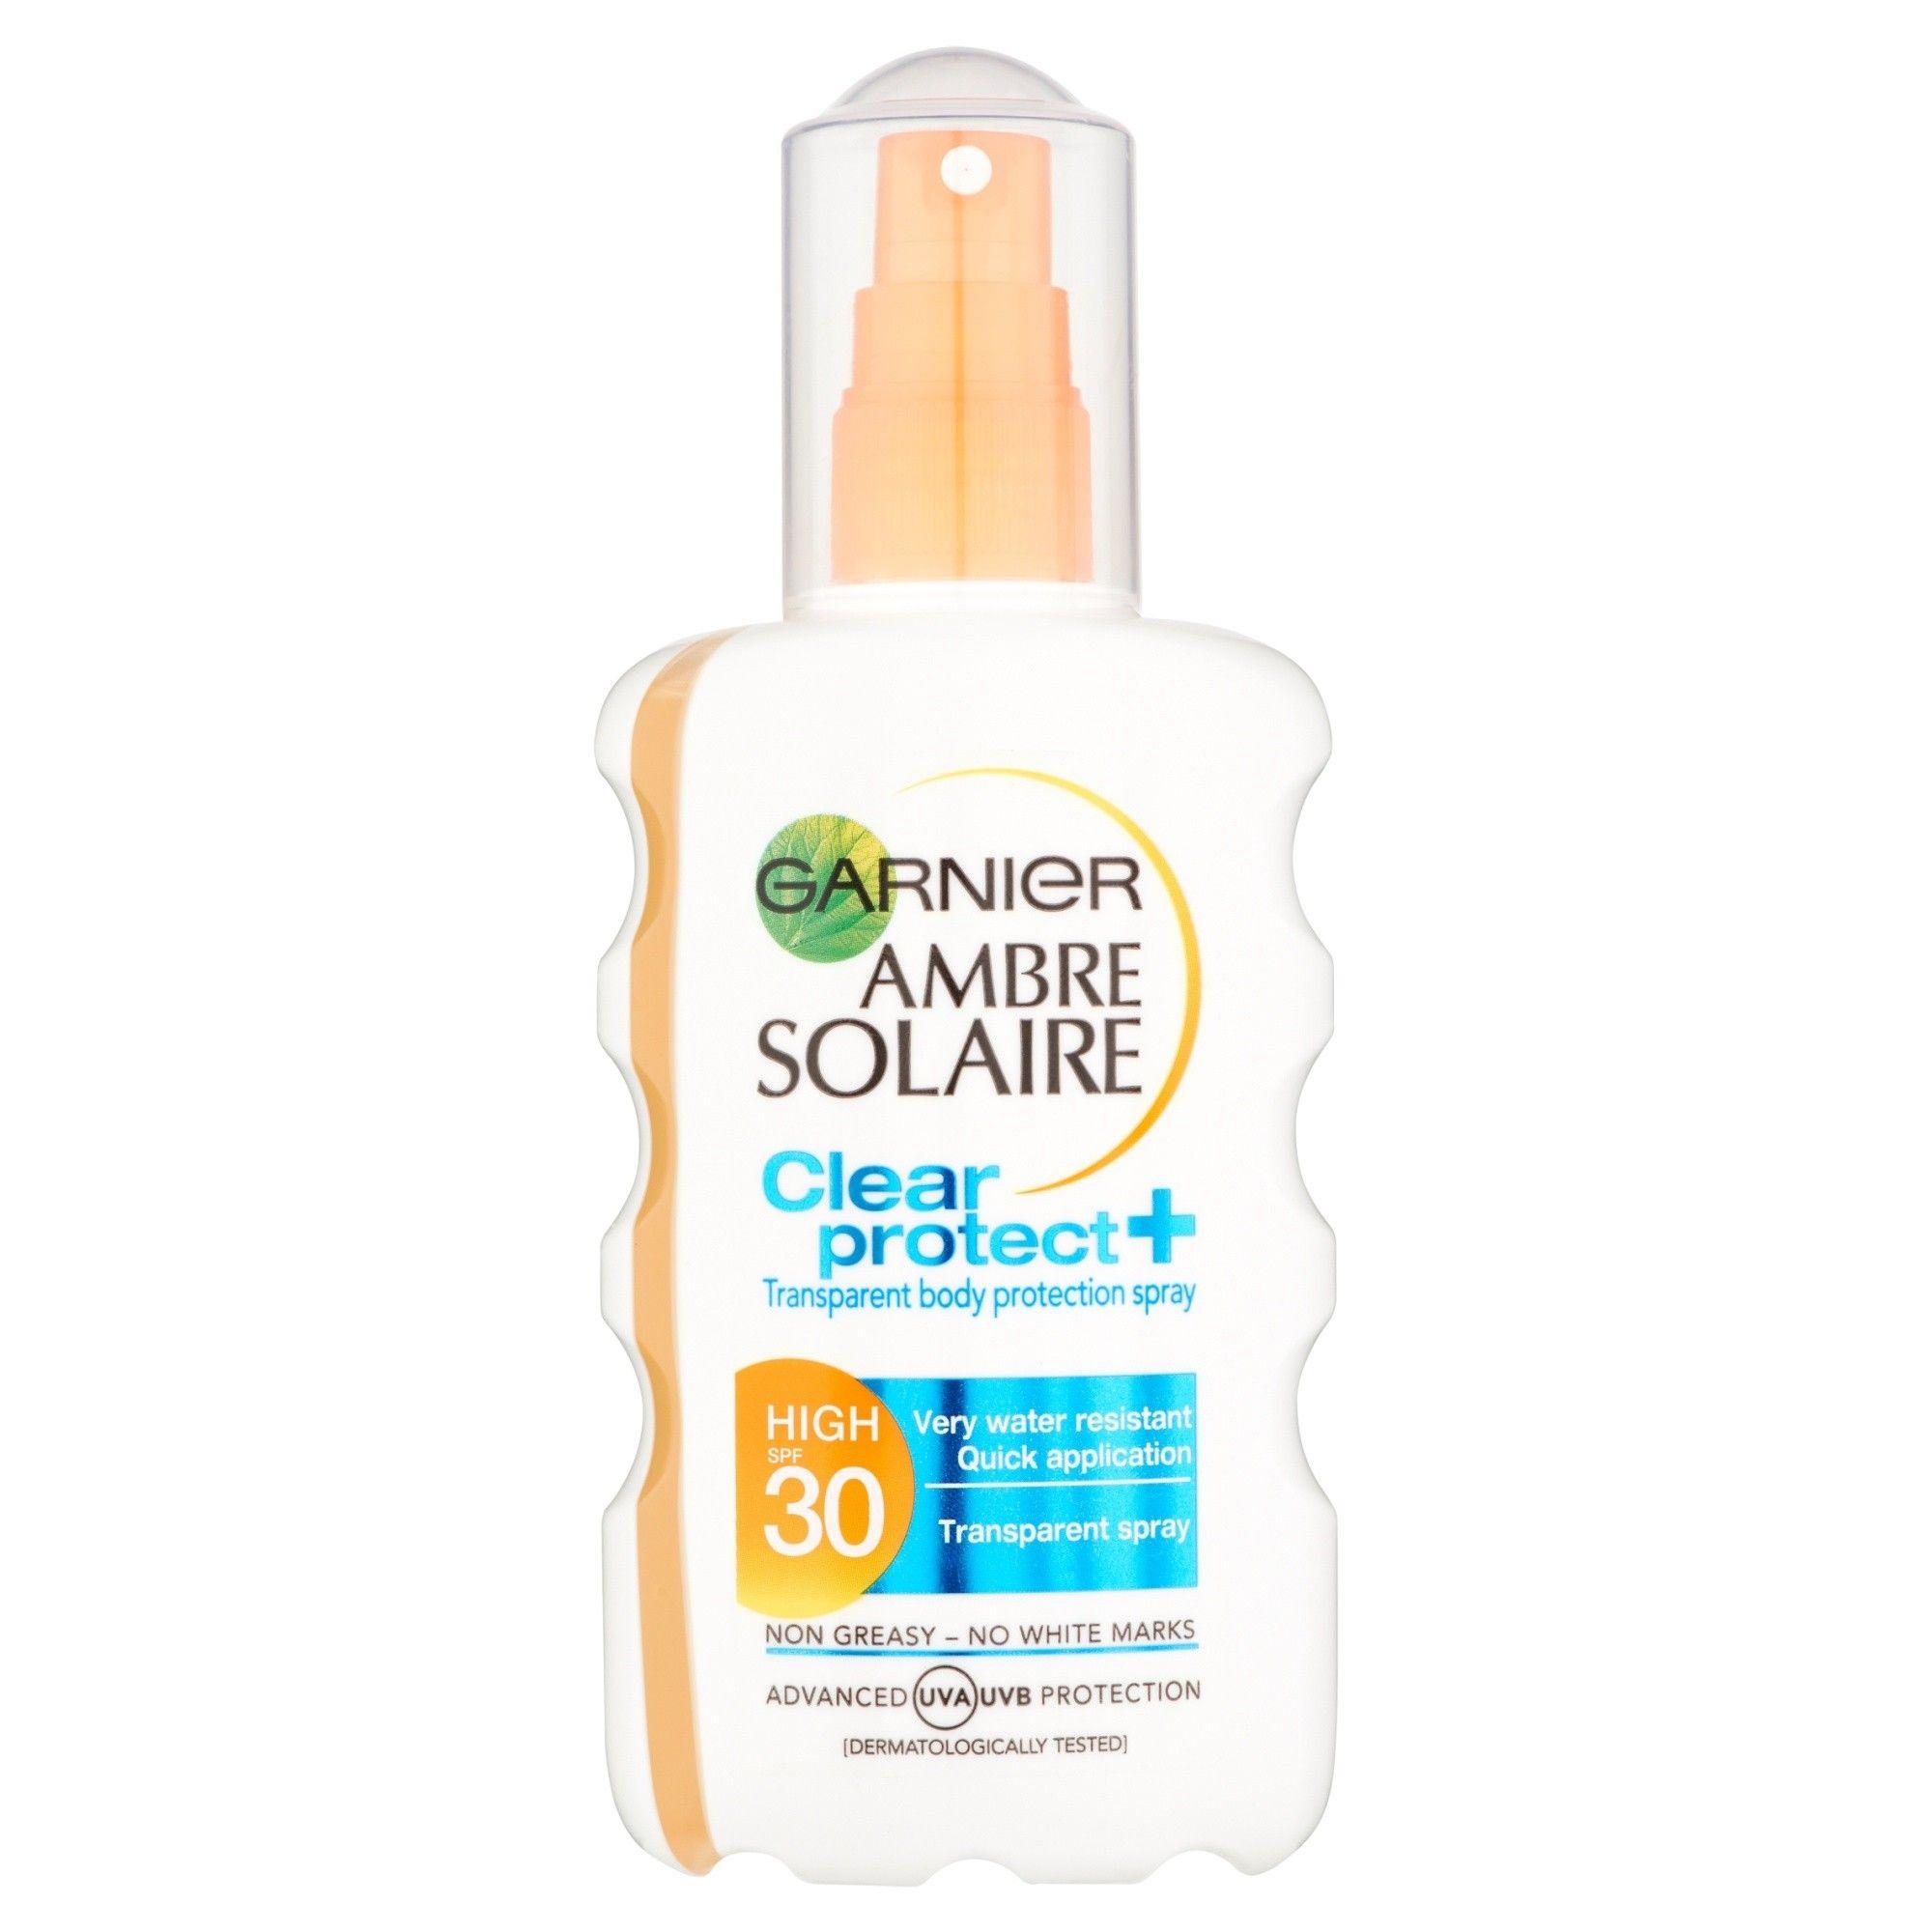 Garnier Ambre Solaire Clear Protect Sun Cream Spray SPF30